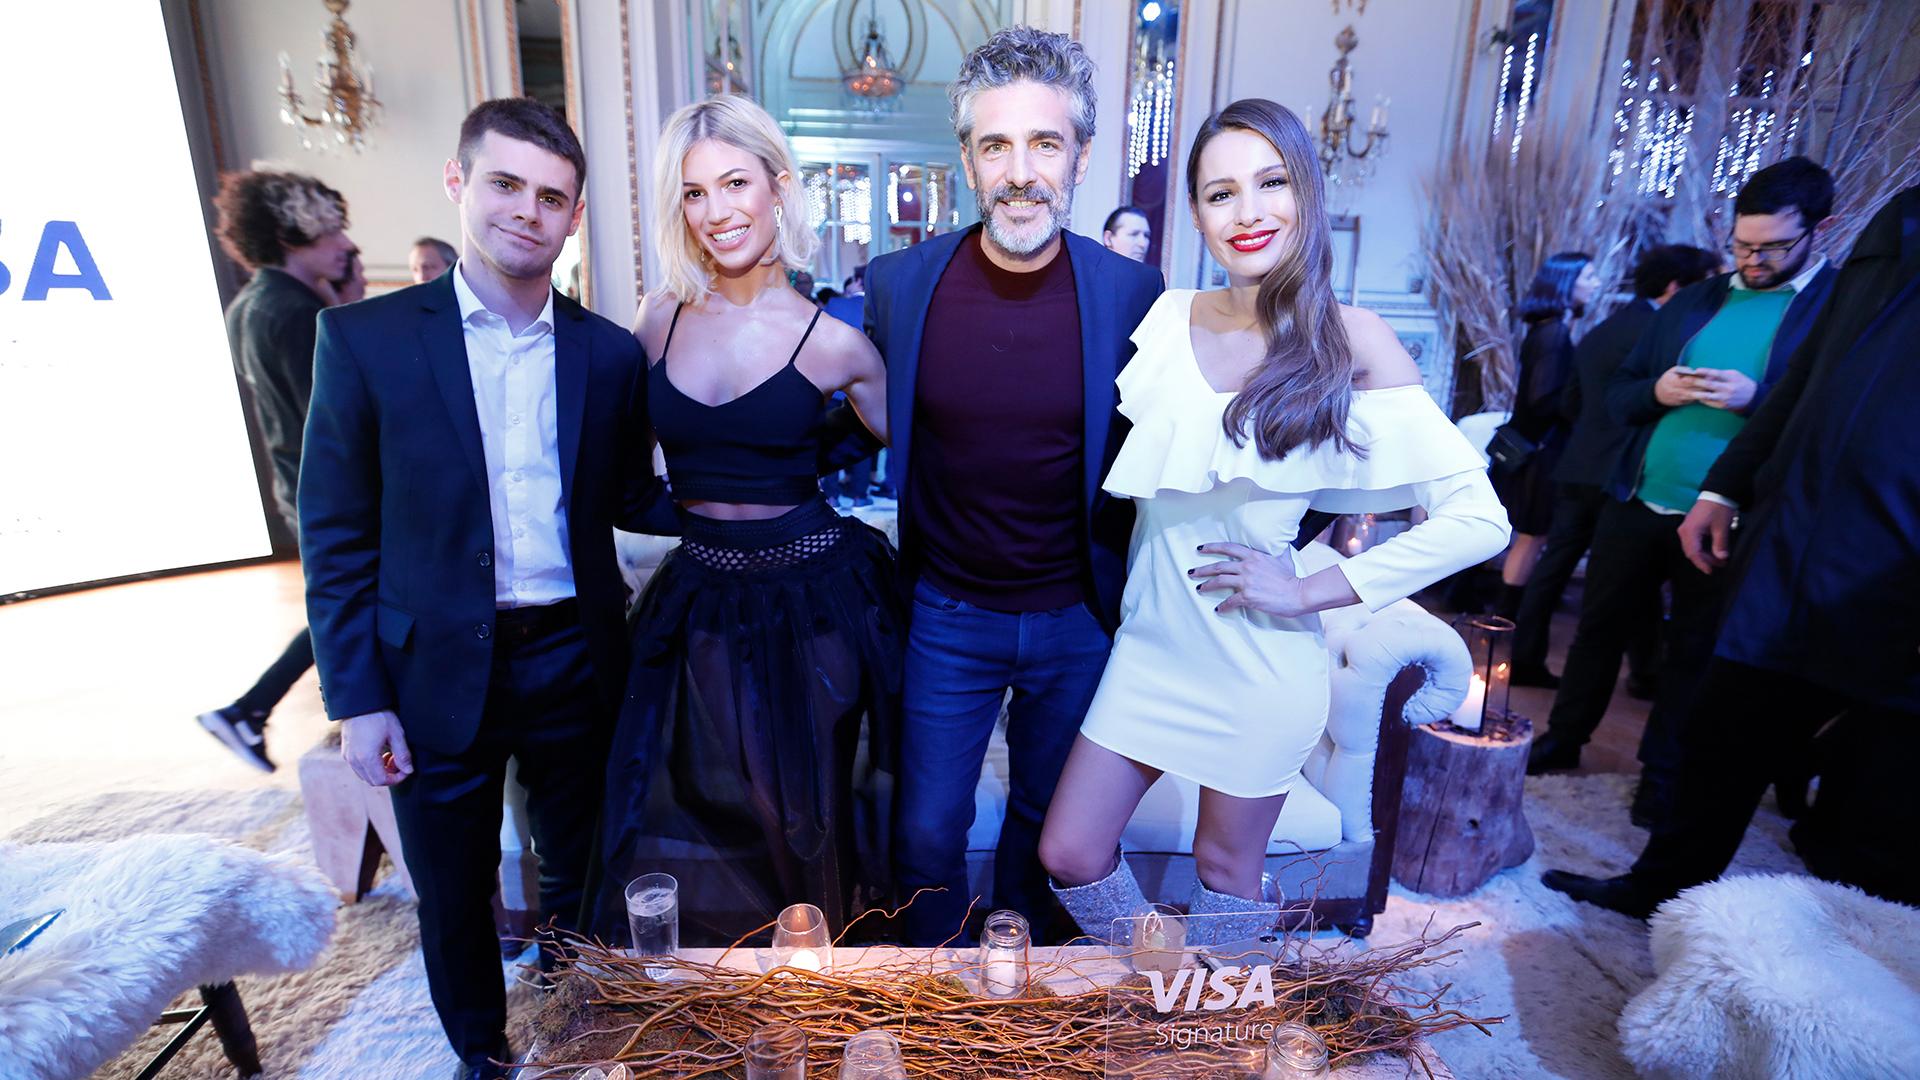 Gastón Soffritti, Stefania Roitman, Leo Sbaraglia y Pampita, presentes en el evento de Visa Signature organizado en el Hotel Alvear